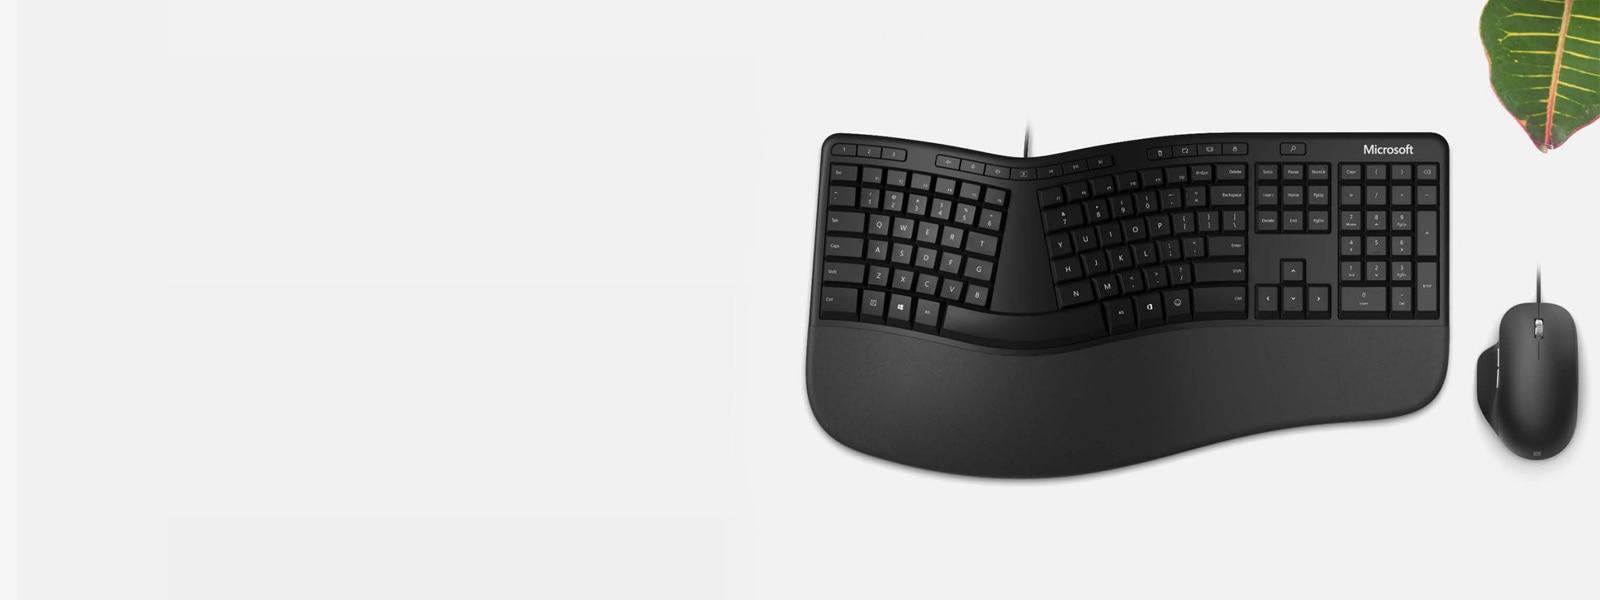 Microsoft 人體工學鍵盤和 Microsoft 人體工學滑鼠放在桌上,旁邊有個植物